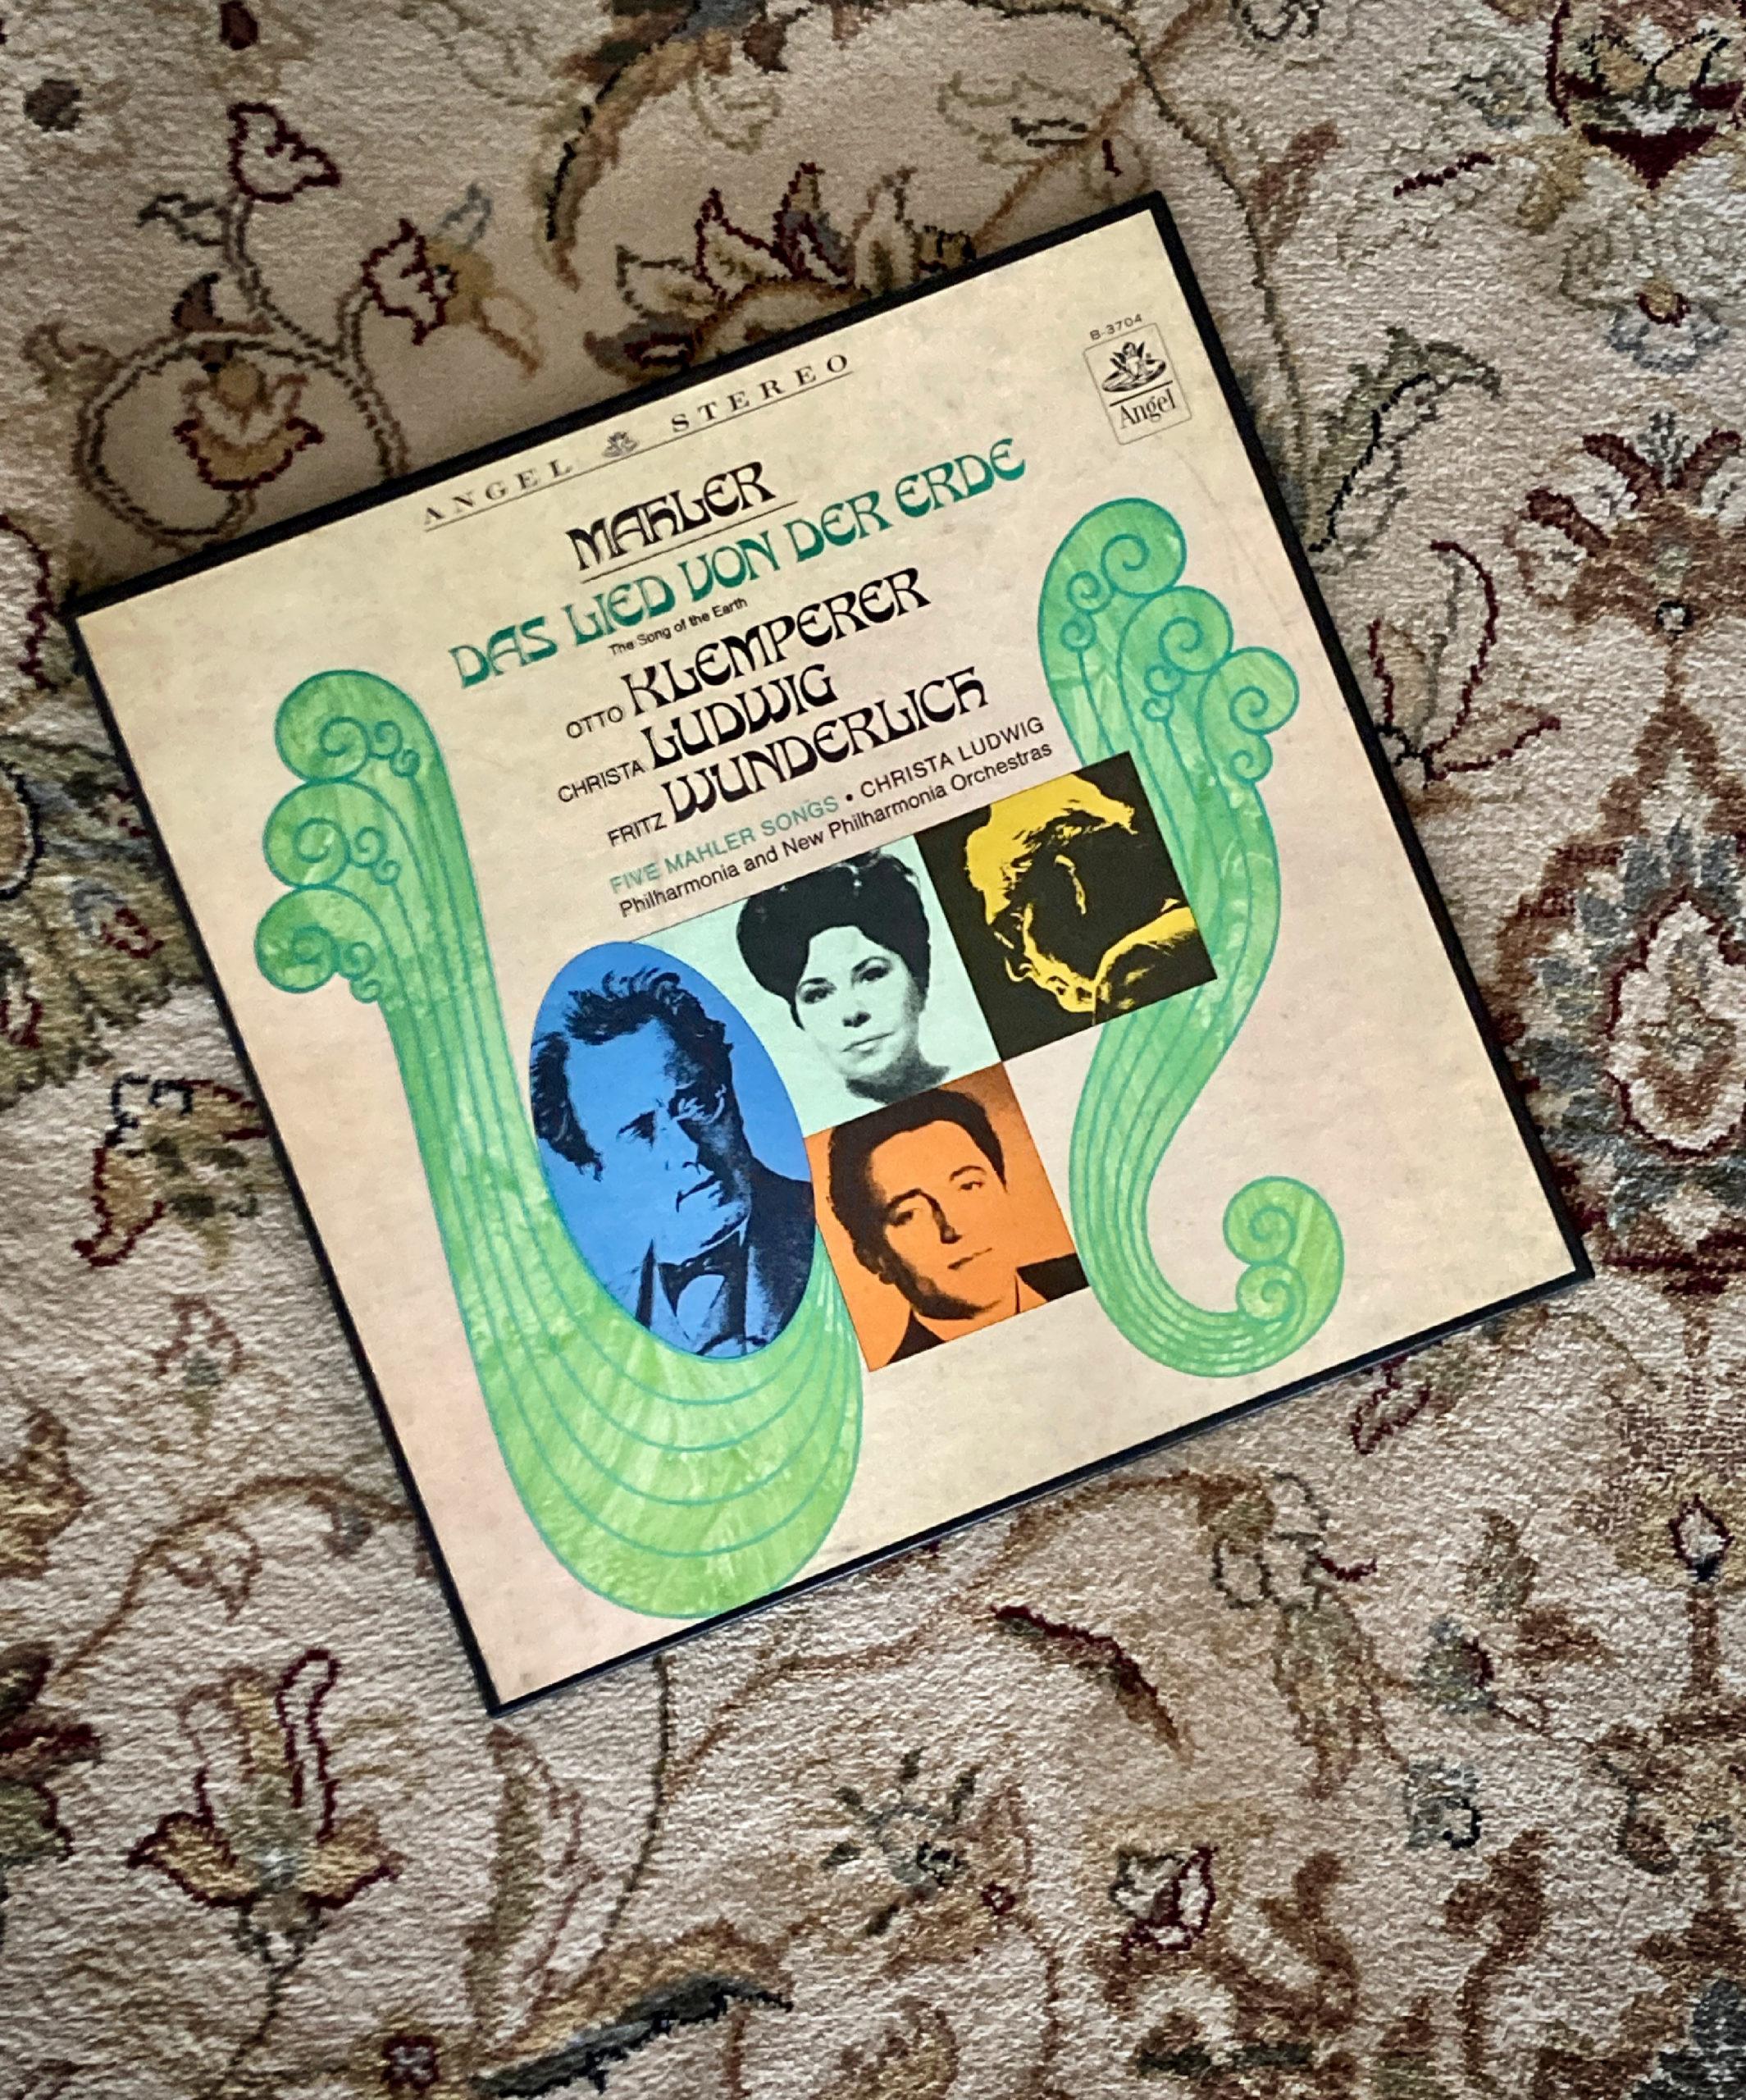 vinyl, record, album, Mahler, Das Lied von der Erde, Klemperer, Ludwig, Wunderlich, Philharmonia, Warner